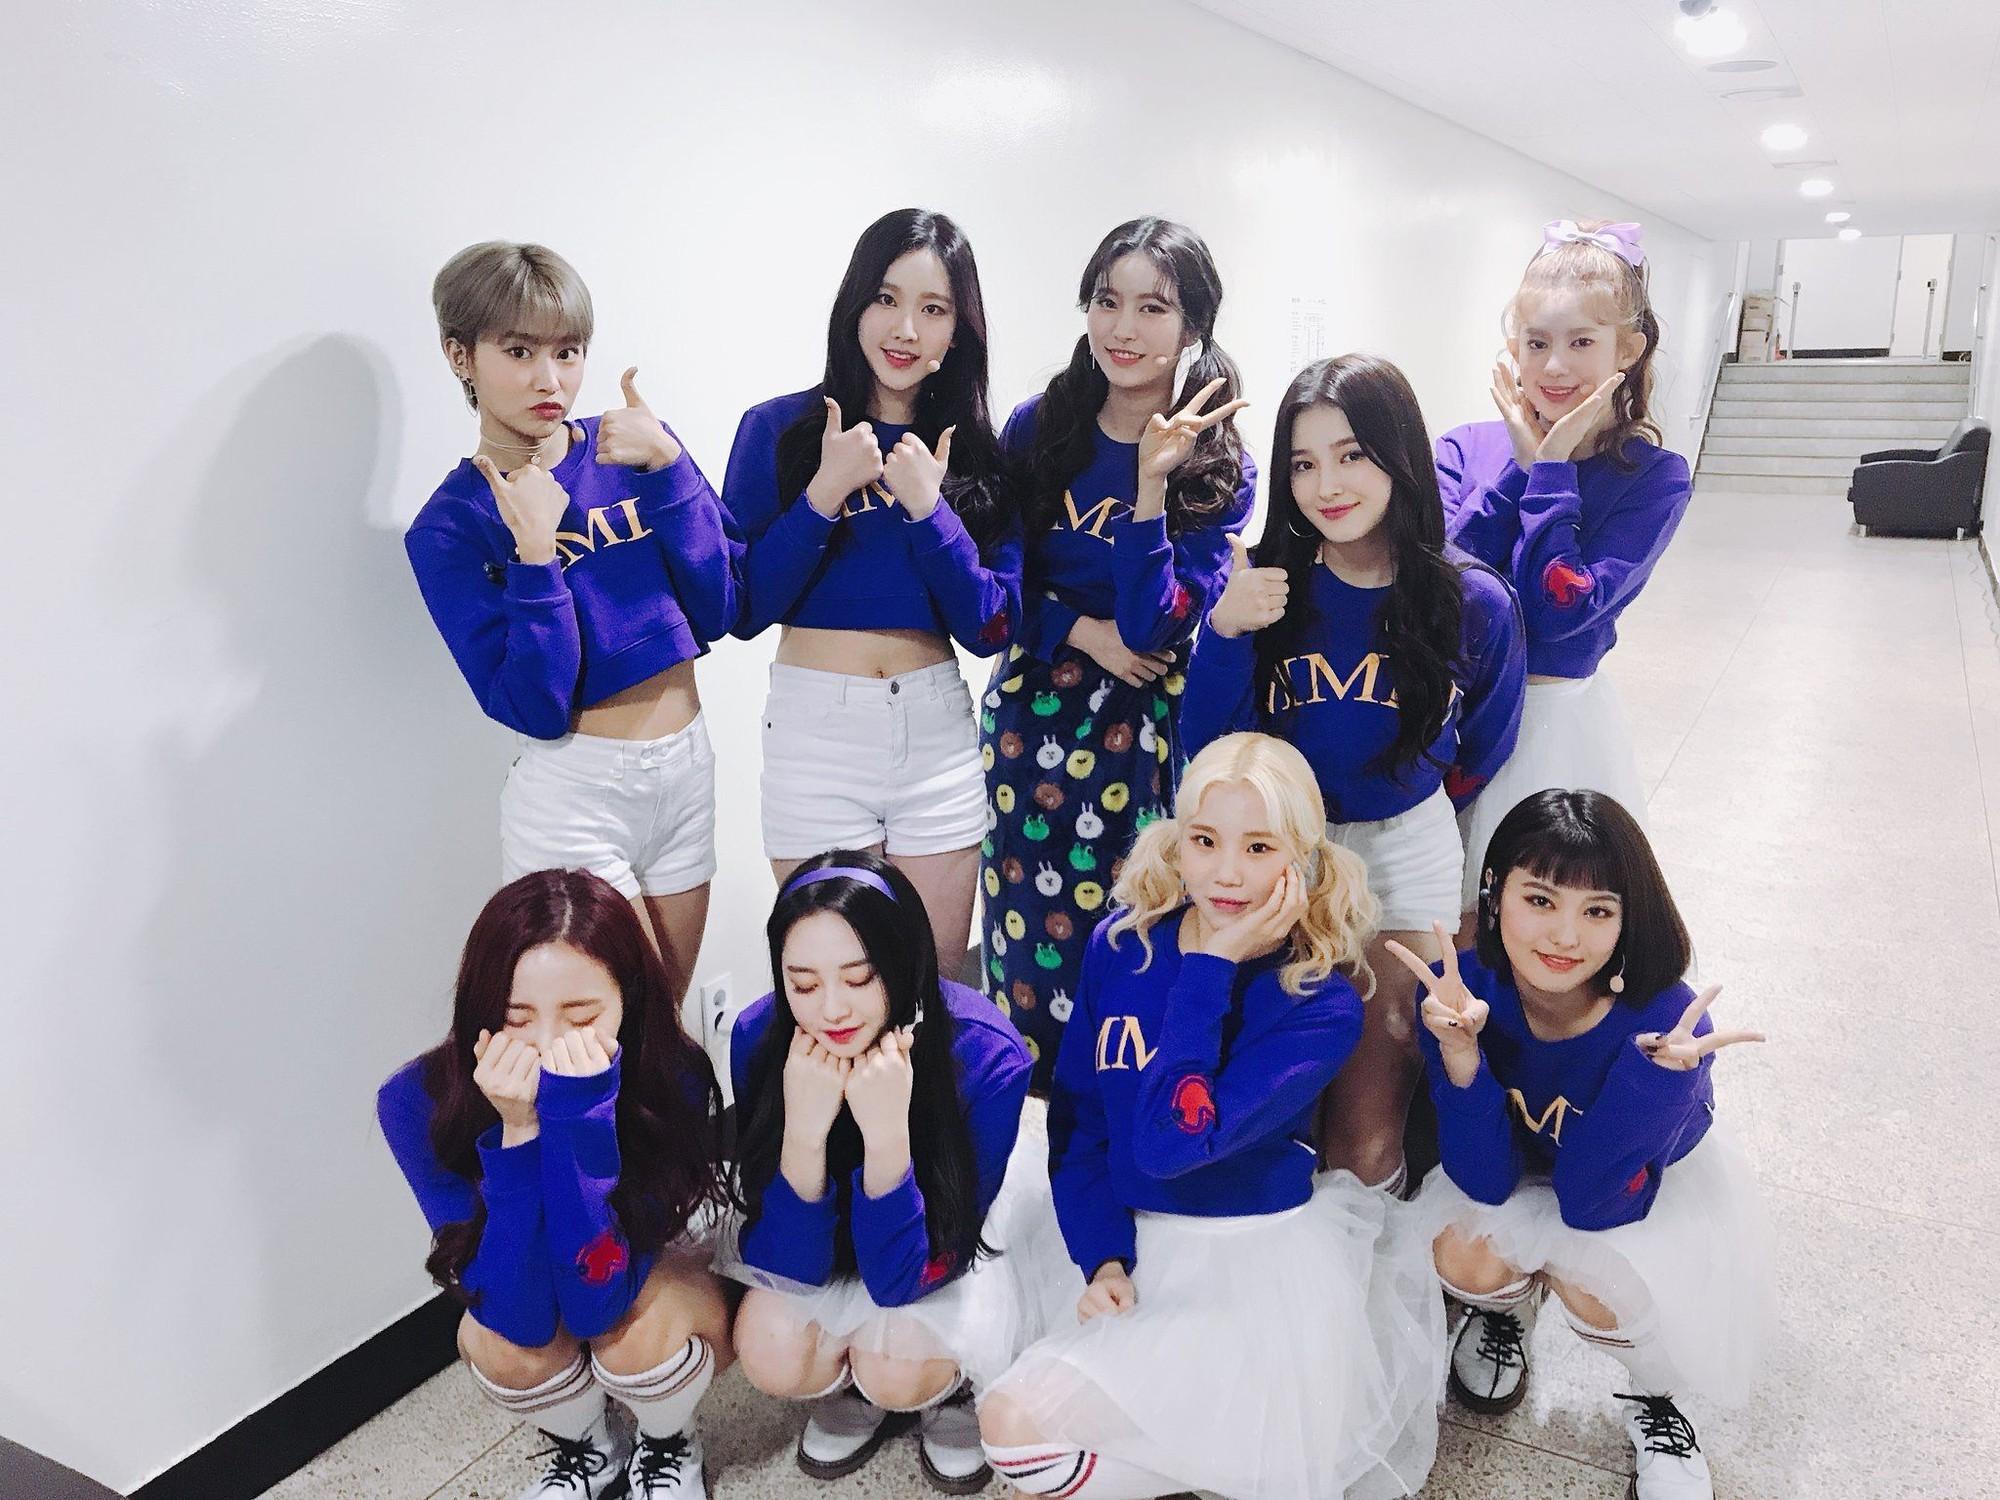 Netizen Hàn đồng loạt phẫn nộ vì stylist để Momoland mặc short ngắn nhưng không có quần bảo hộ - Ảnh 1.